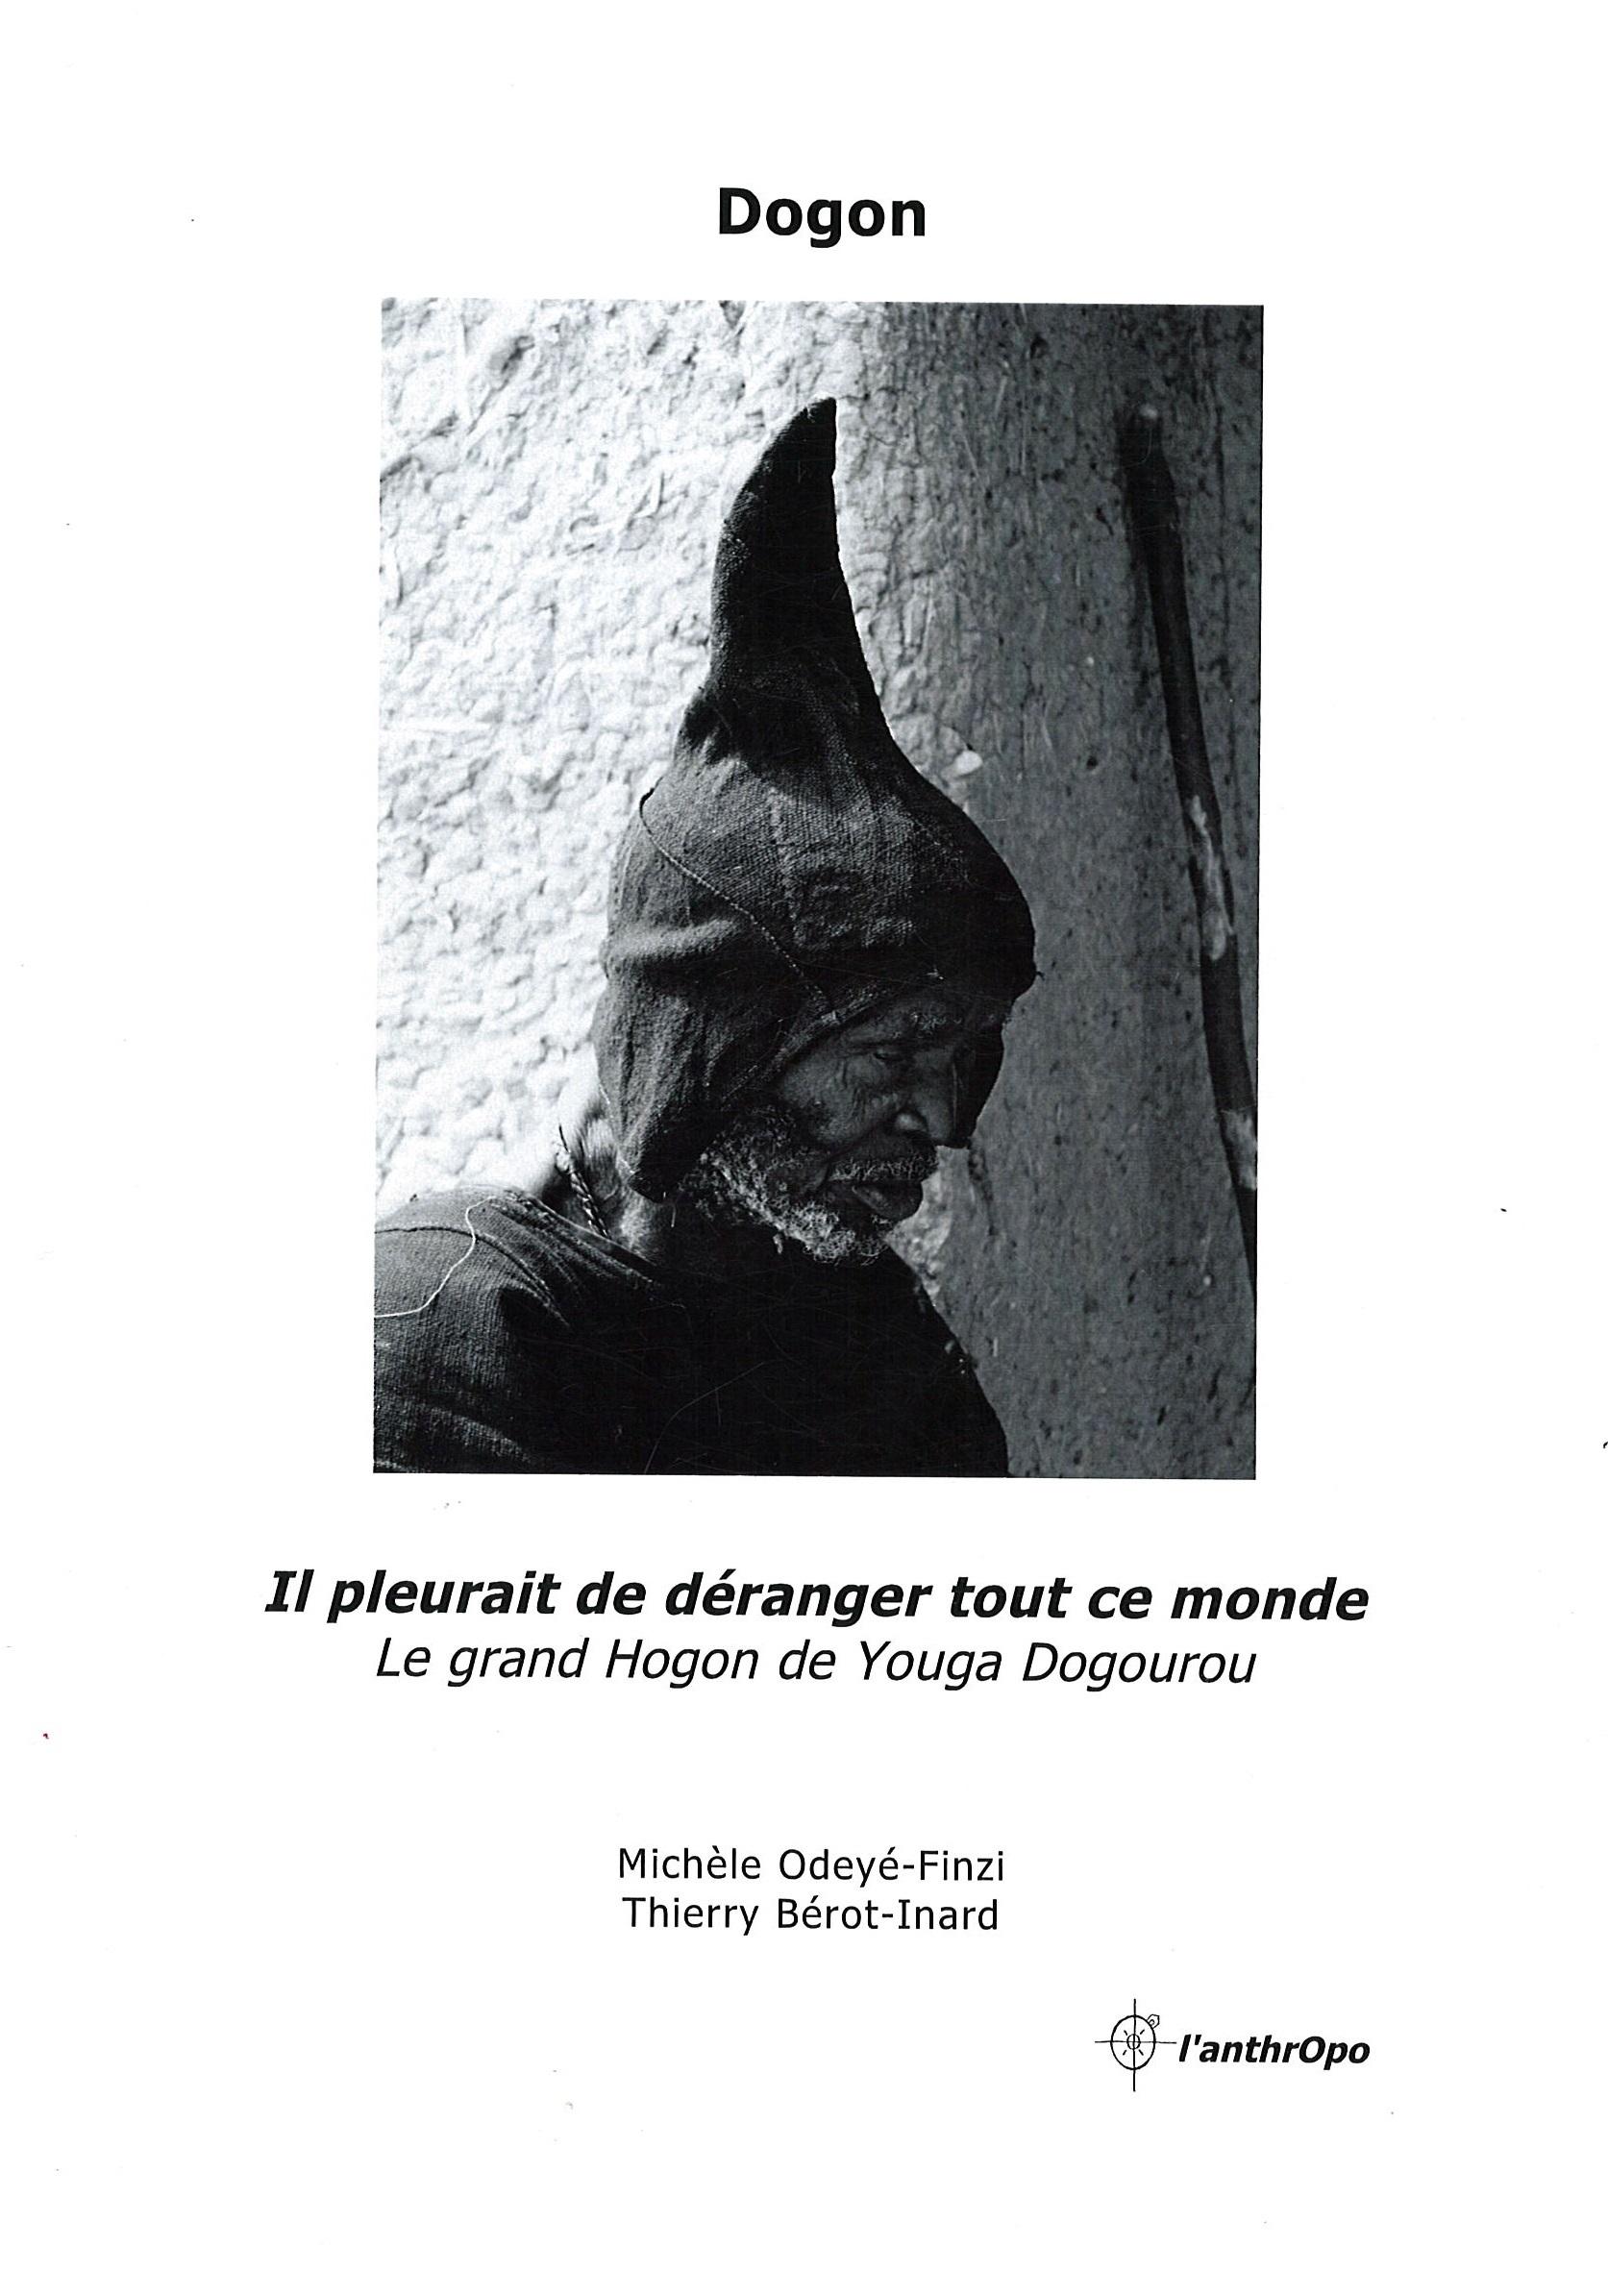 DOGON, IL PLEURAIT DE DERANGER TOUT CE MONDE - LE GRAND HOGON DE YOUGA DOGOUROU